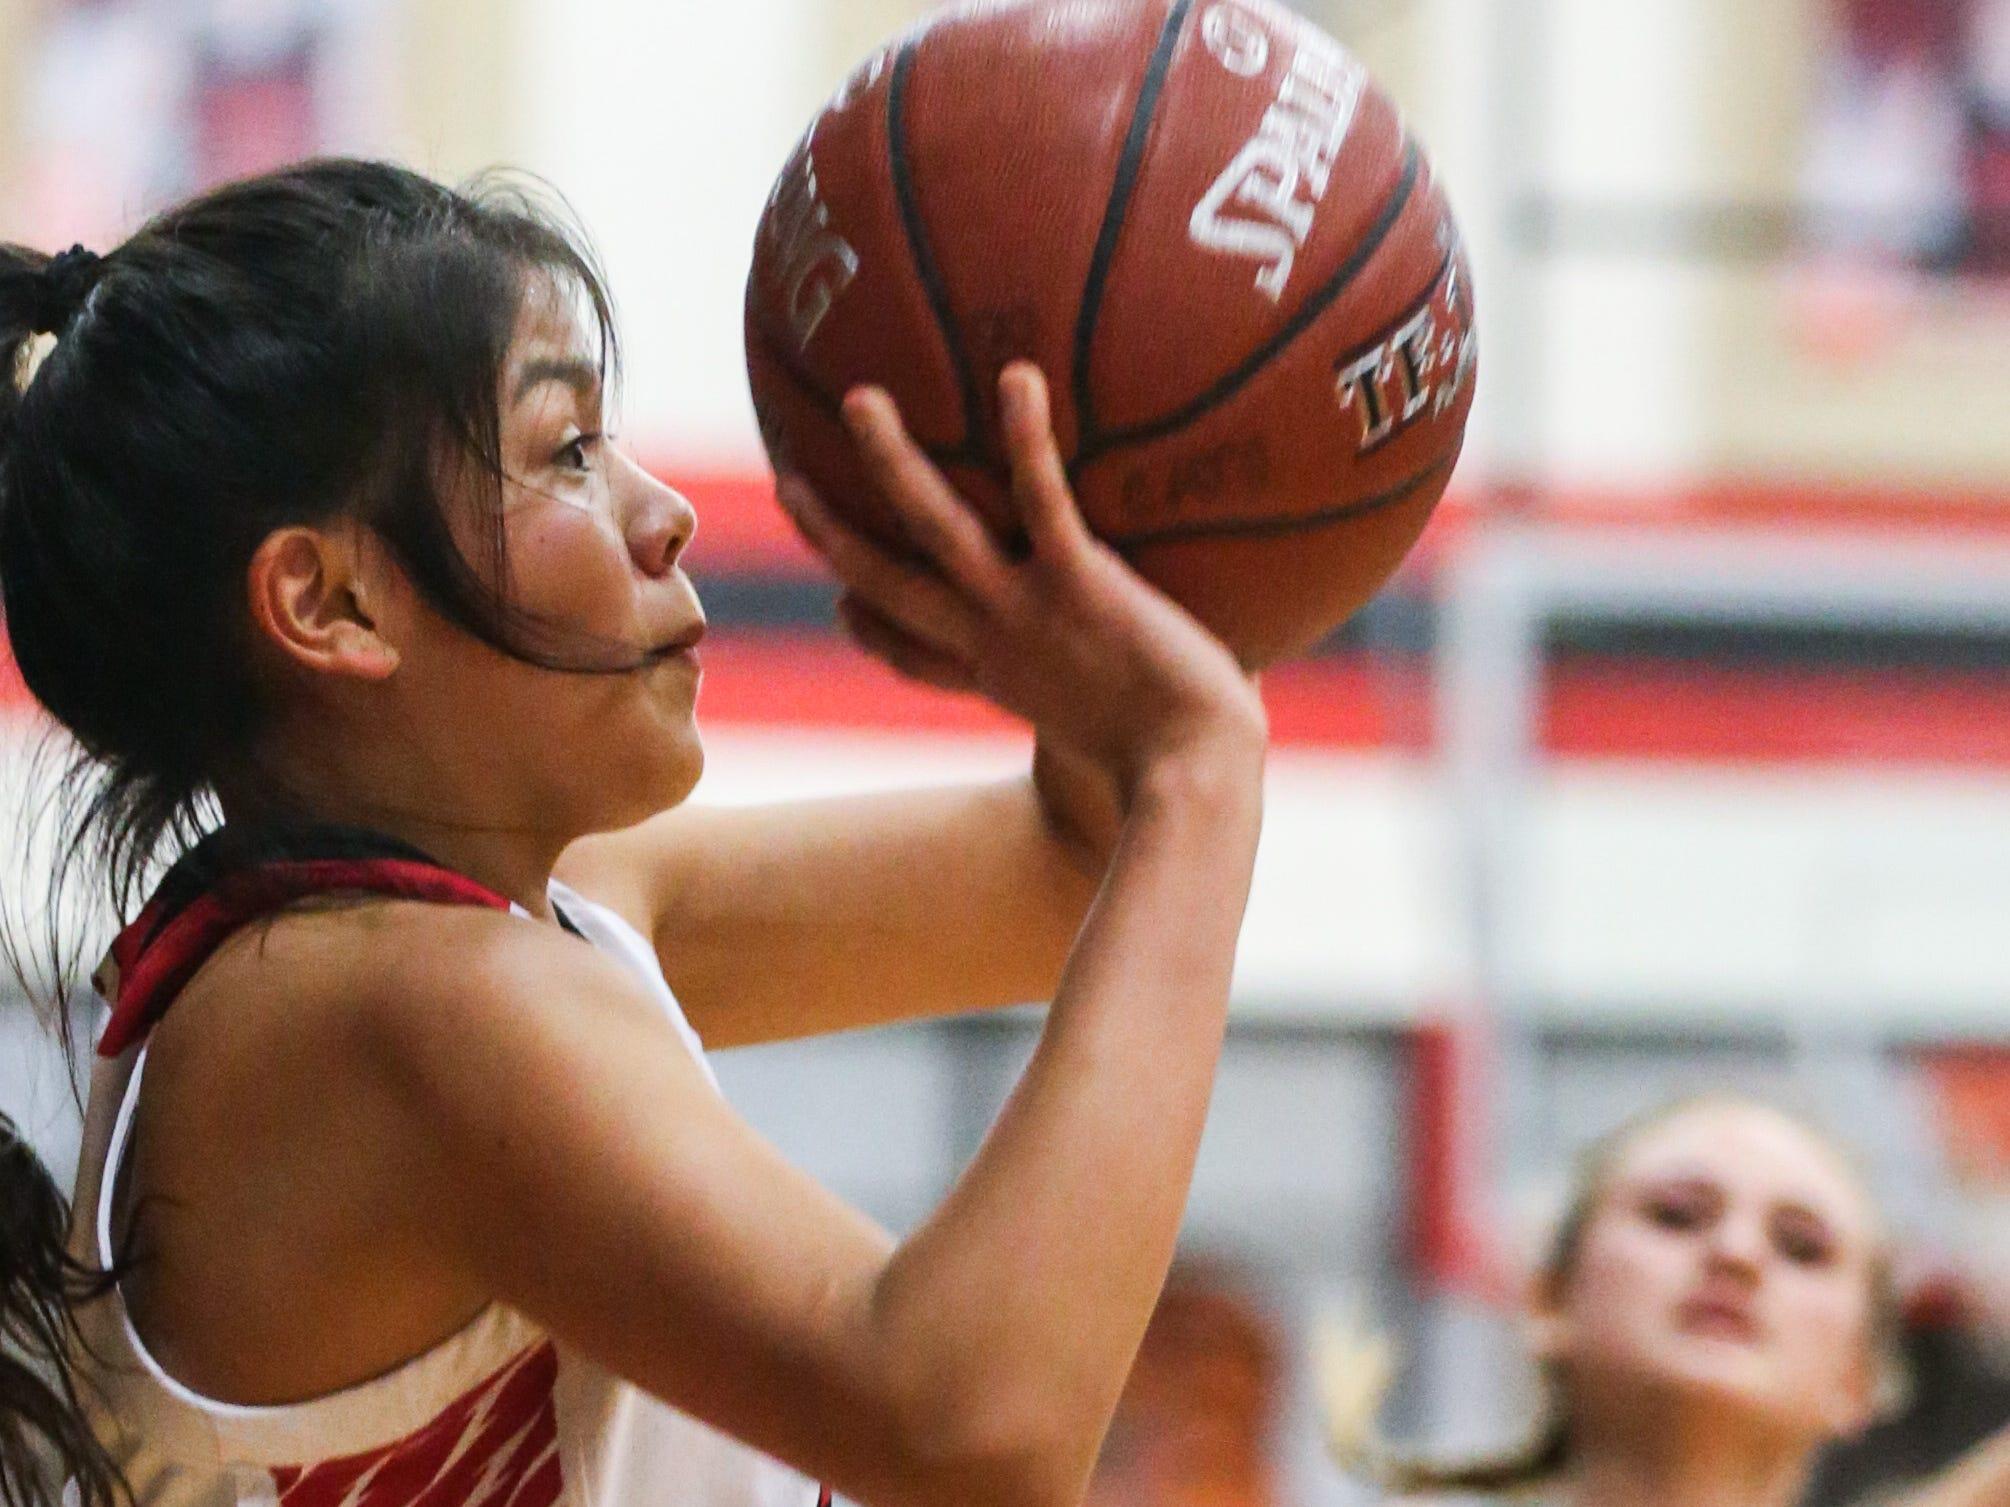 Ballinger's Rosemary Delgado shoots against Wall Tuesday, Jan. 8, 2019, in Ballinger High School.